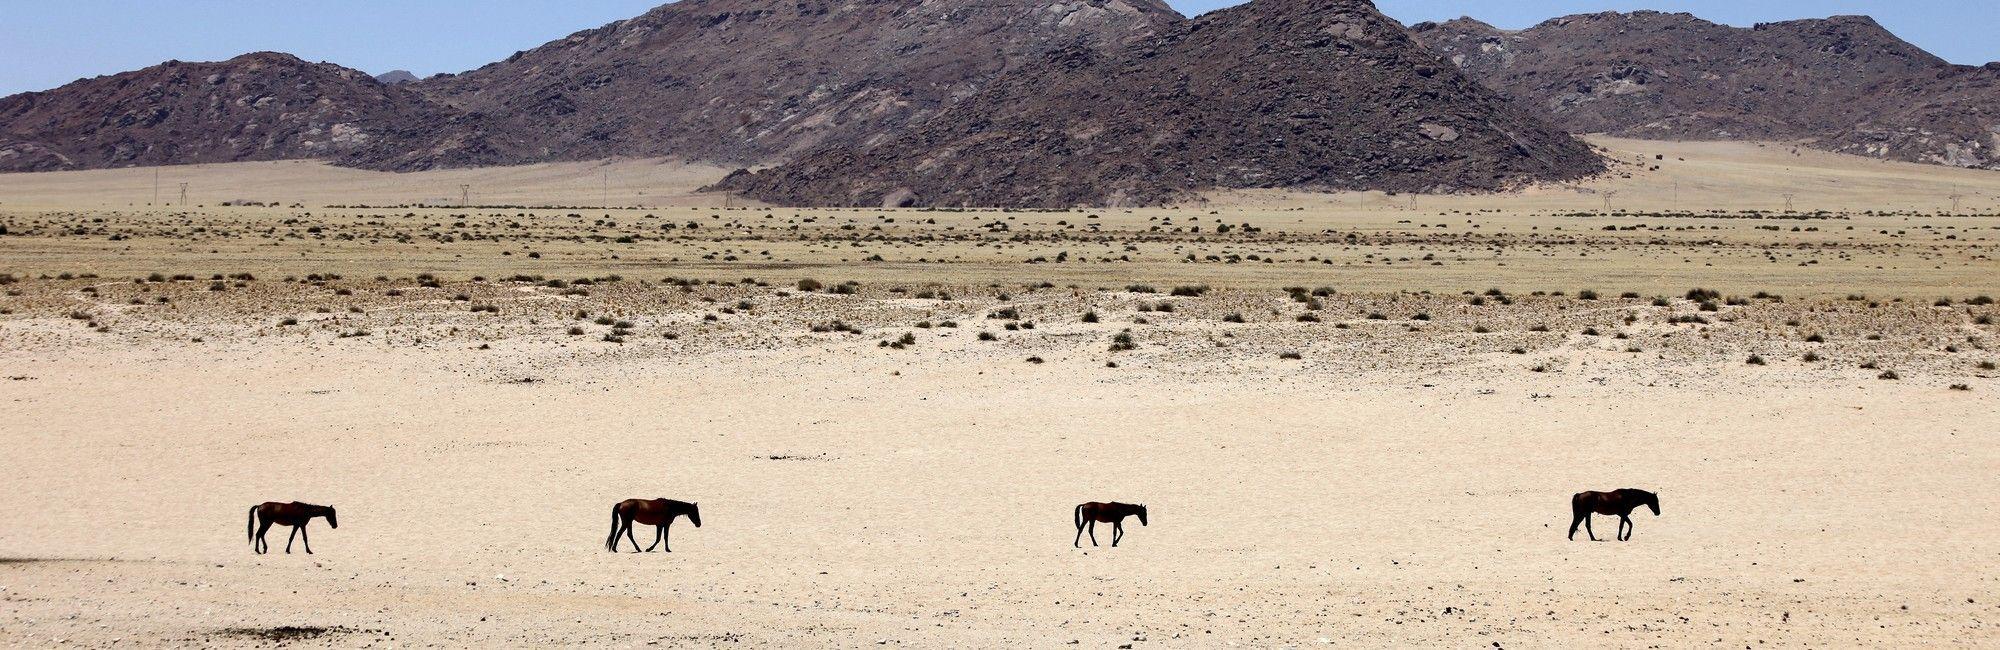 Aus, Kolmanskop, Lüderitz